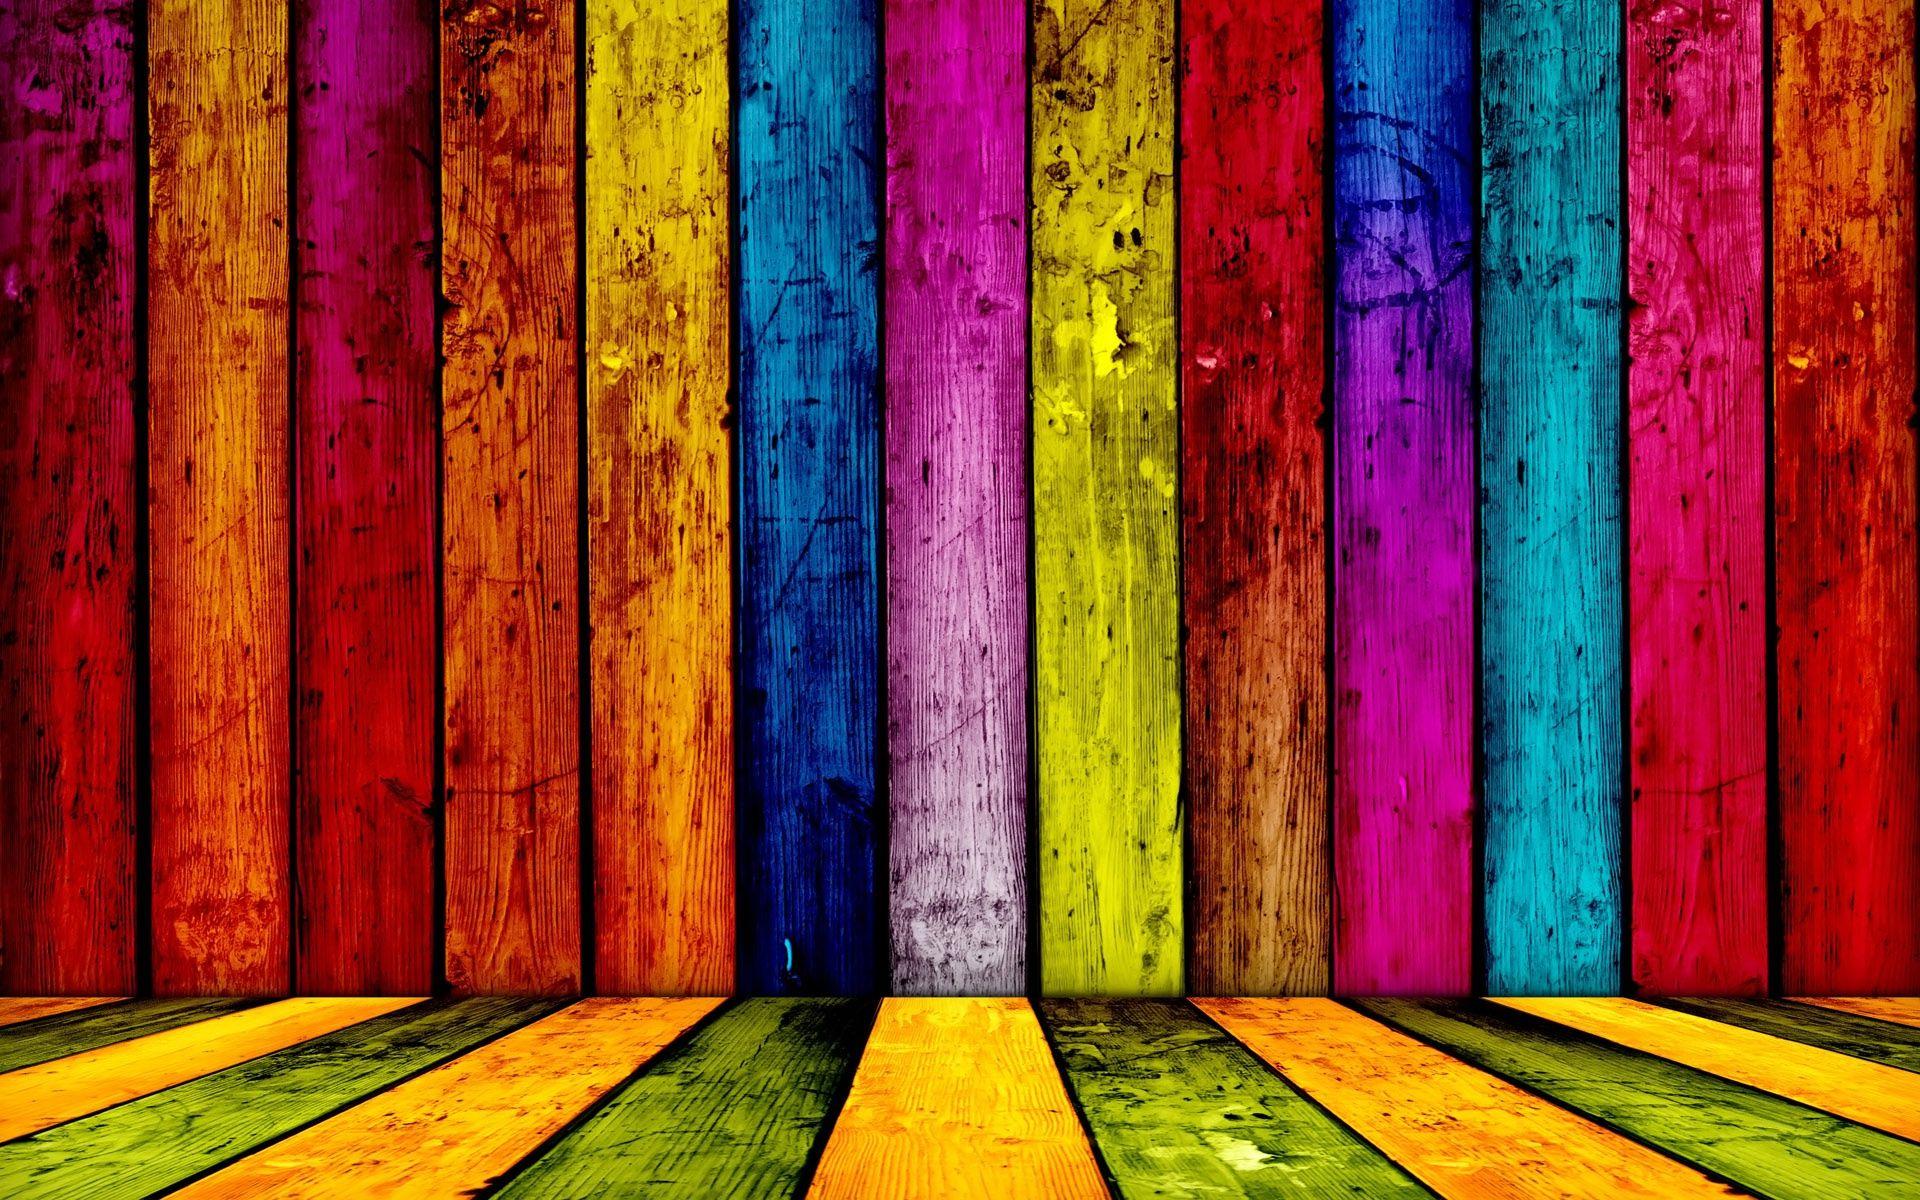 کاغذ دیواری– کاغذ دیواری قابل شستشو– کاغذ دیواری سه بعدی– کاغذ دیواری کره ای– کاغذ دیواری اتاق– کاغذ دیواری اتاق خواب– کاغذدیواری– کاغذ دیواری سالن– کاغذ دیواری پذیرایی– کاغذ دیواری منزل– کاغذ دیواری مسکونی– کاغذ دیواری فروشگاه– کاغذ دیواری خانه– کاغذ دیواری متالیک– کاغذ دیواری کودک– کاغذ دیواری اتاق کودک